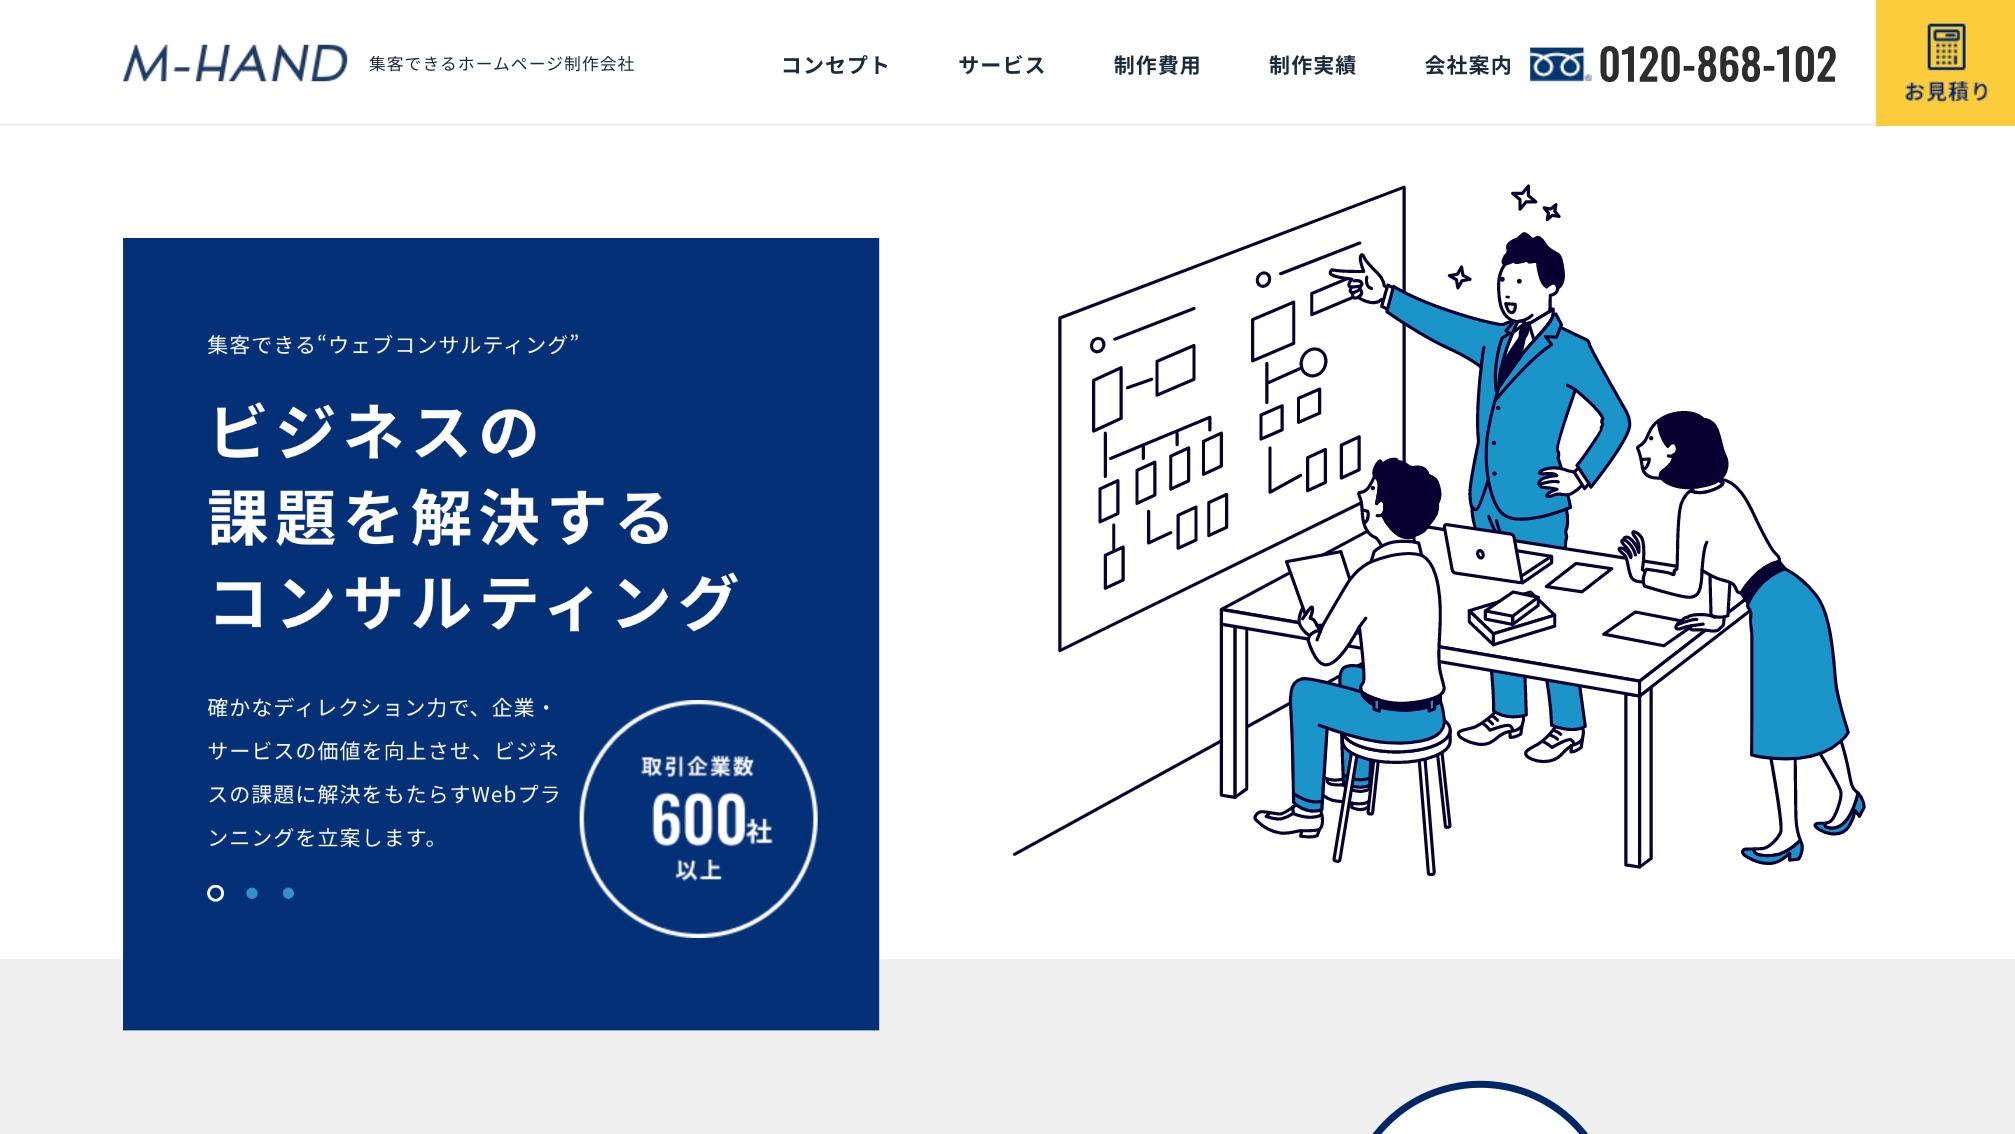 ホームページ制作会社【東京】 集客できるWEB制作のエムハンド